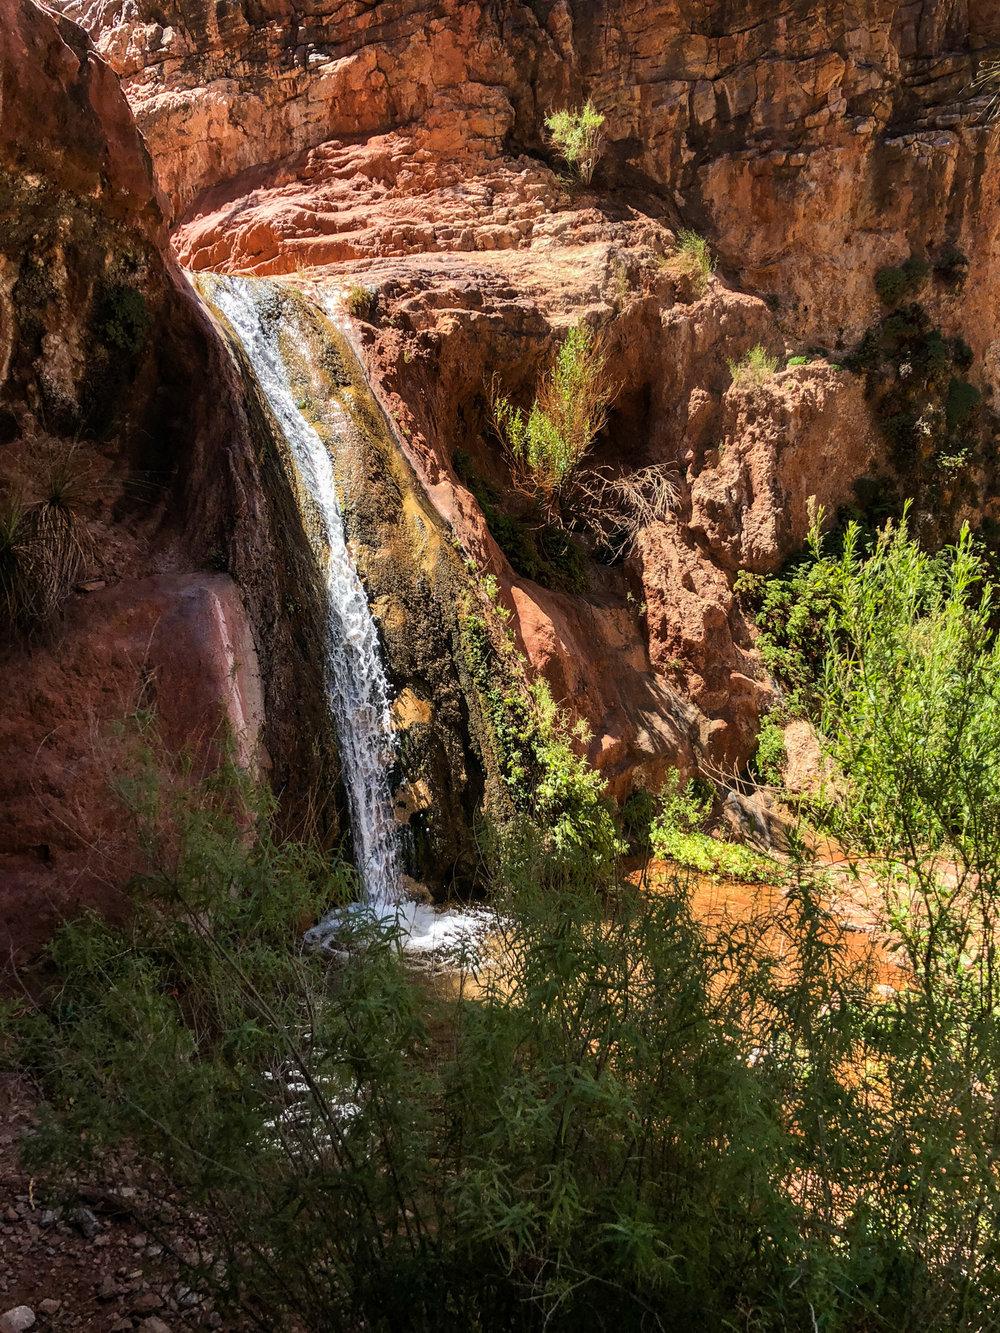 Waterfall on Stone Canyon